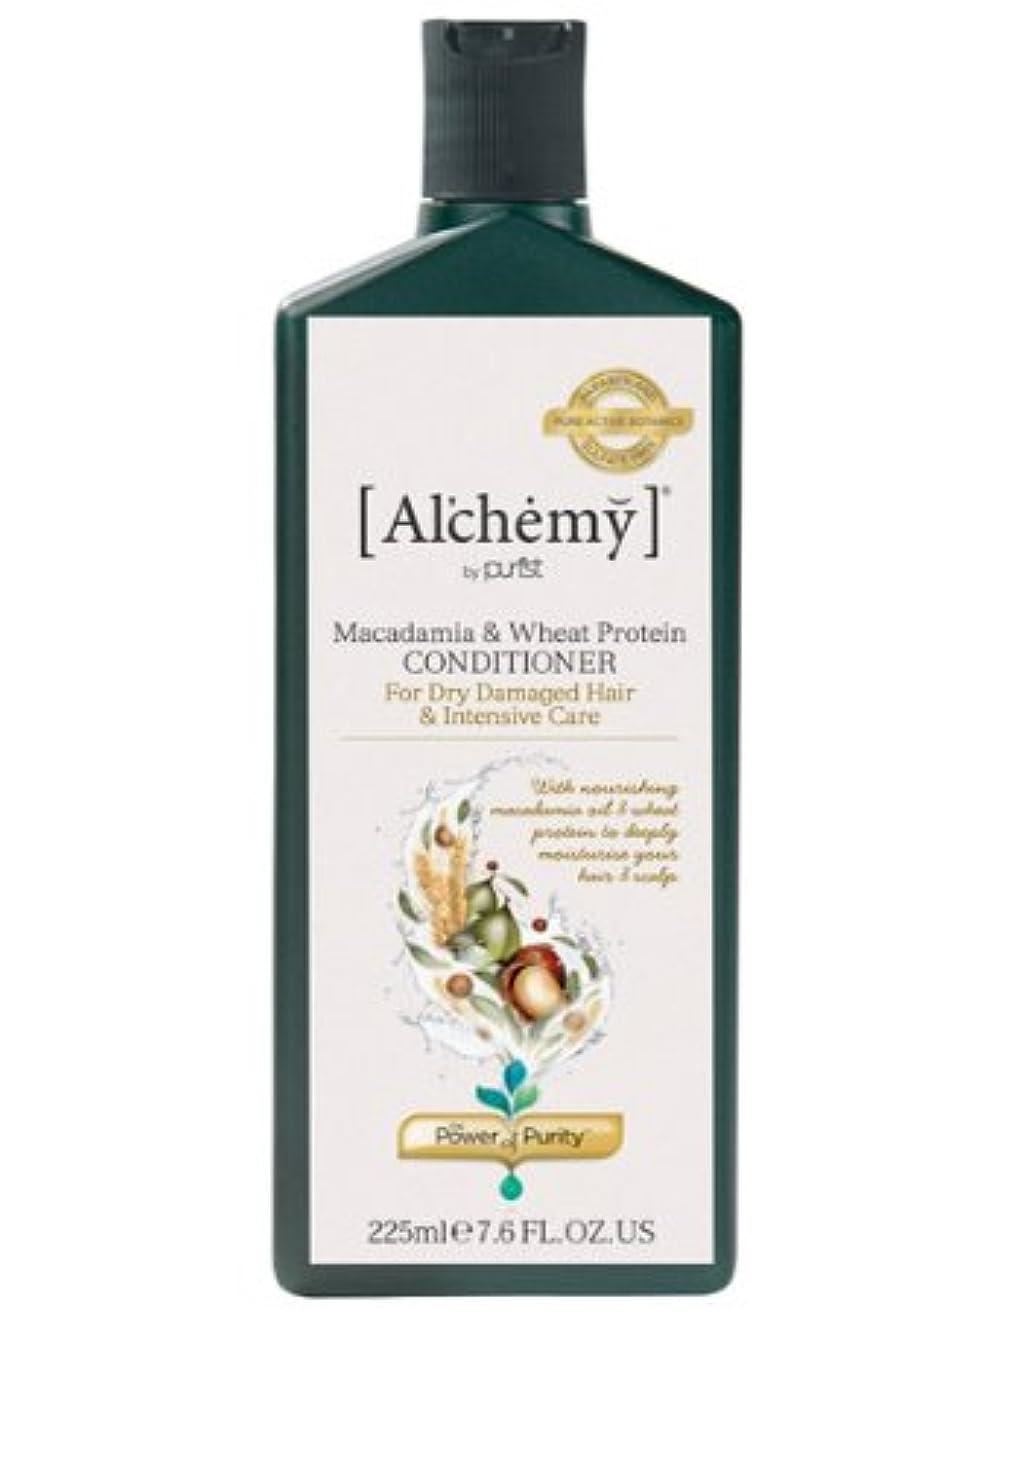 遅らせる危険対【Al'chemy(alchemy)】アルケミー マカダミア&ホイート(小麦) コンディショナー(Macadamia & Wheat Protein Conditioner)(ドライ髪用)225ml